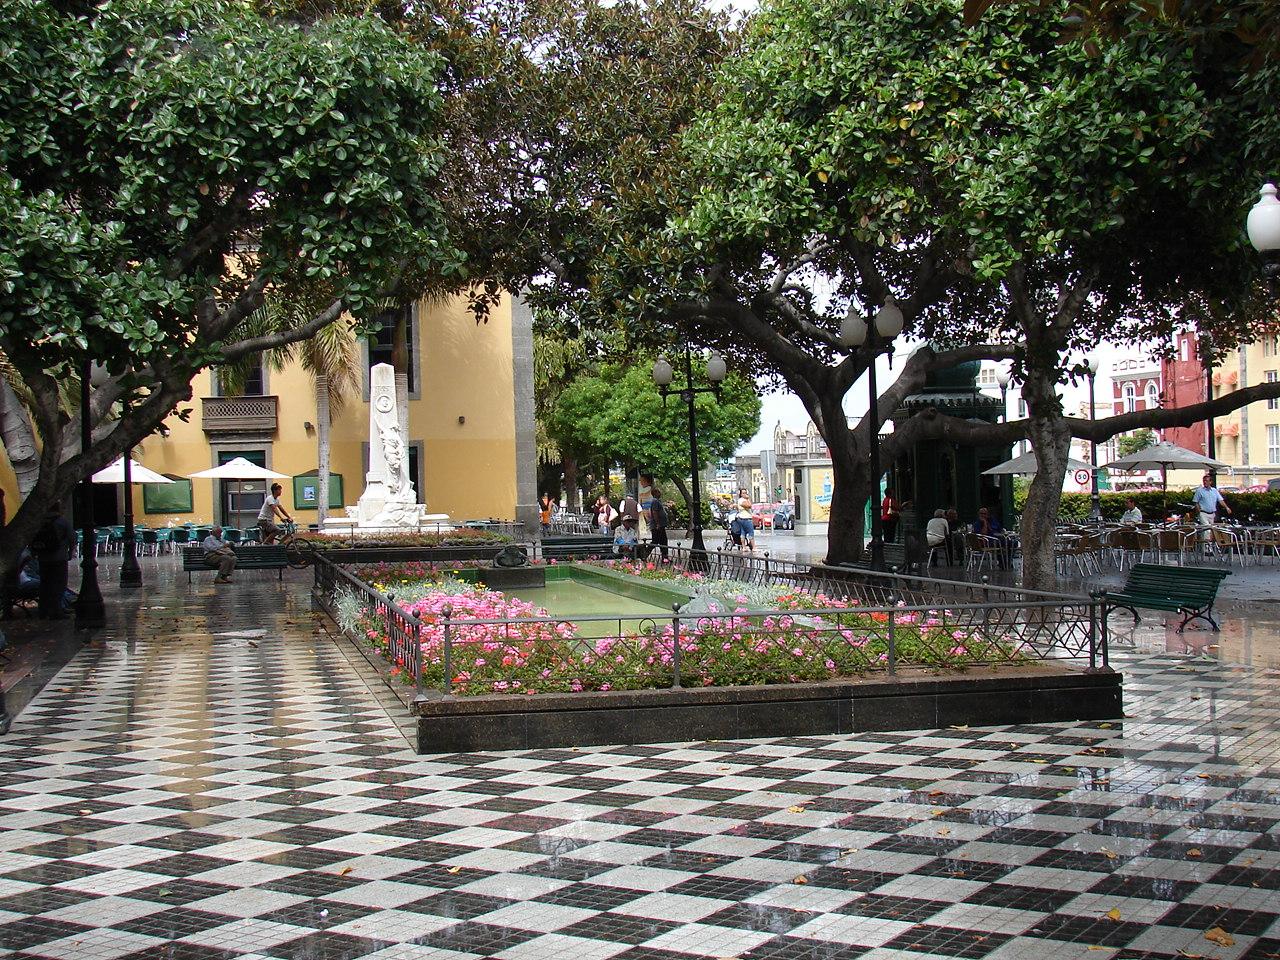 Plaza_Hurtado_de_Mendoza_02